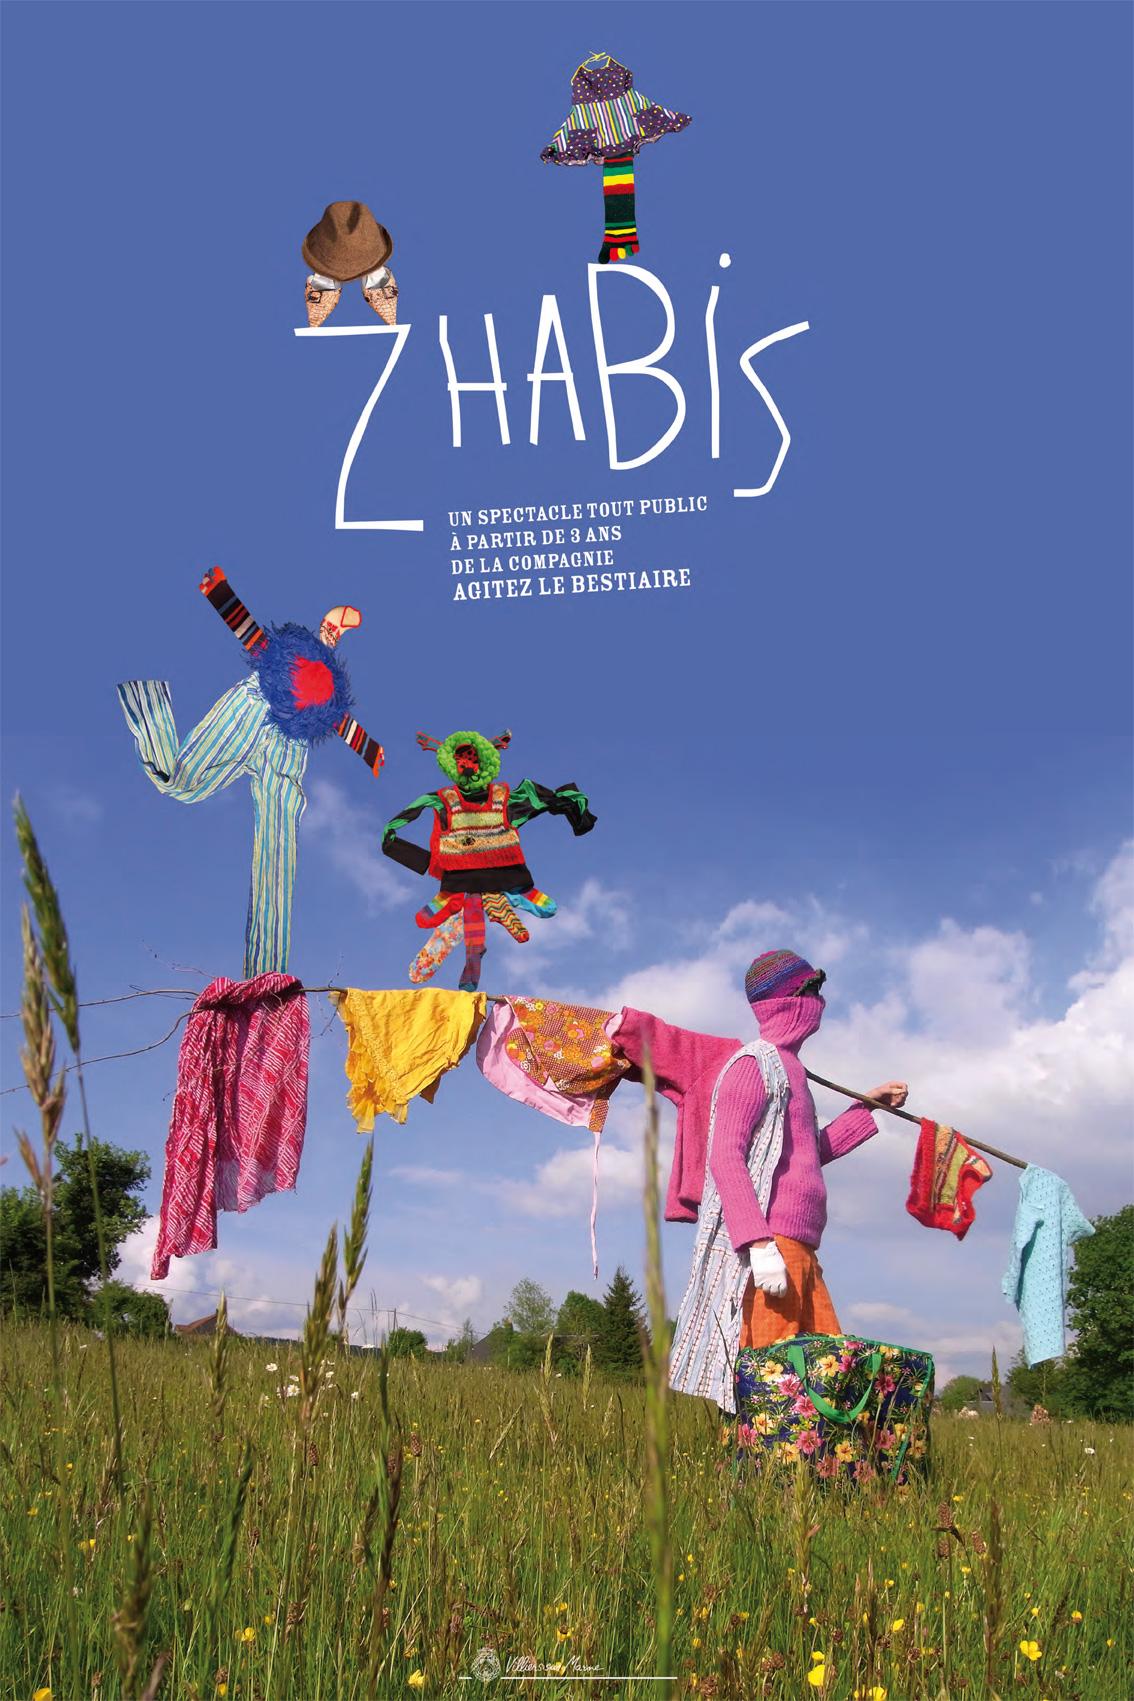 affiche_zhabis